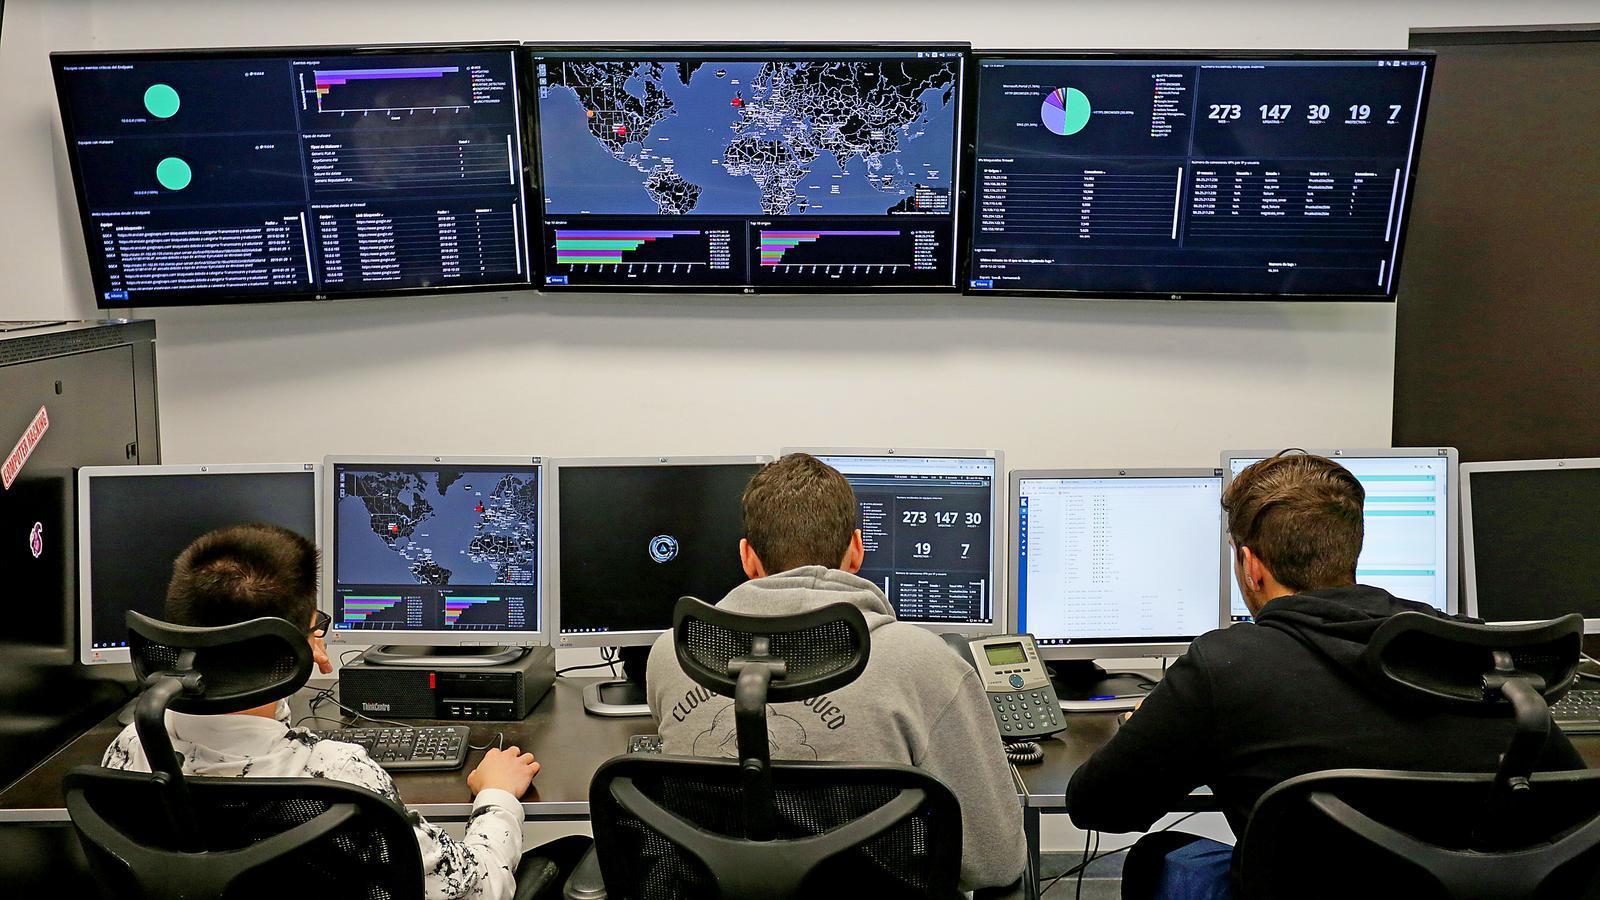 Intec és la primera empresa de ciberseguretat de les Illes i una de les poques de l'Estat